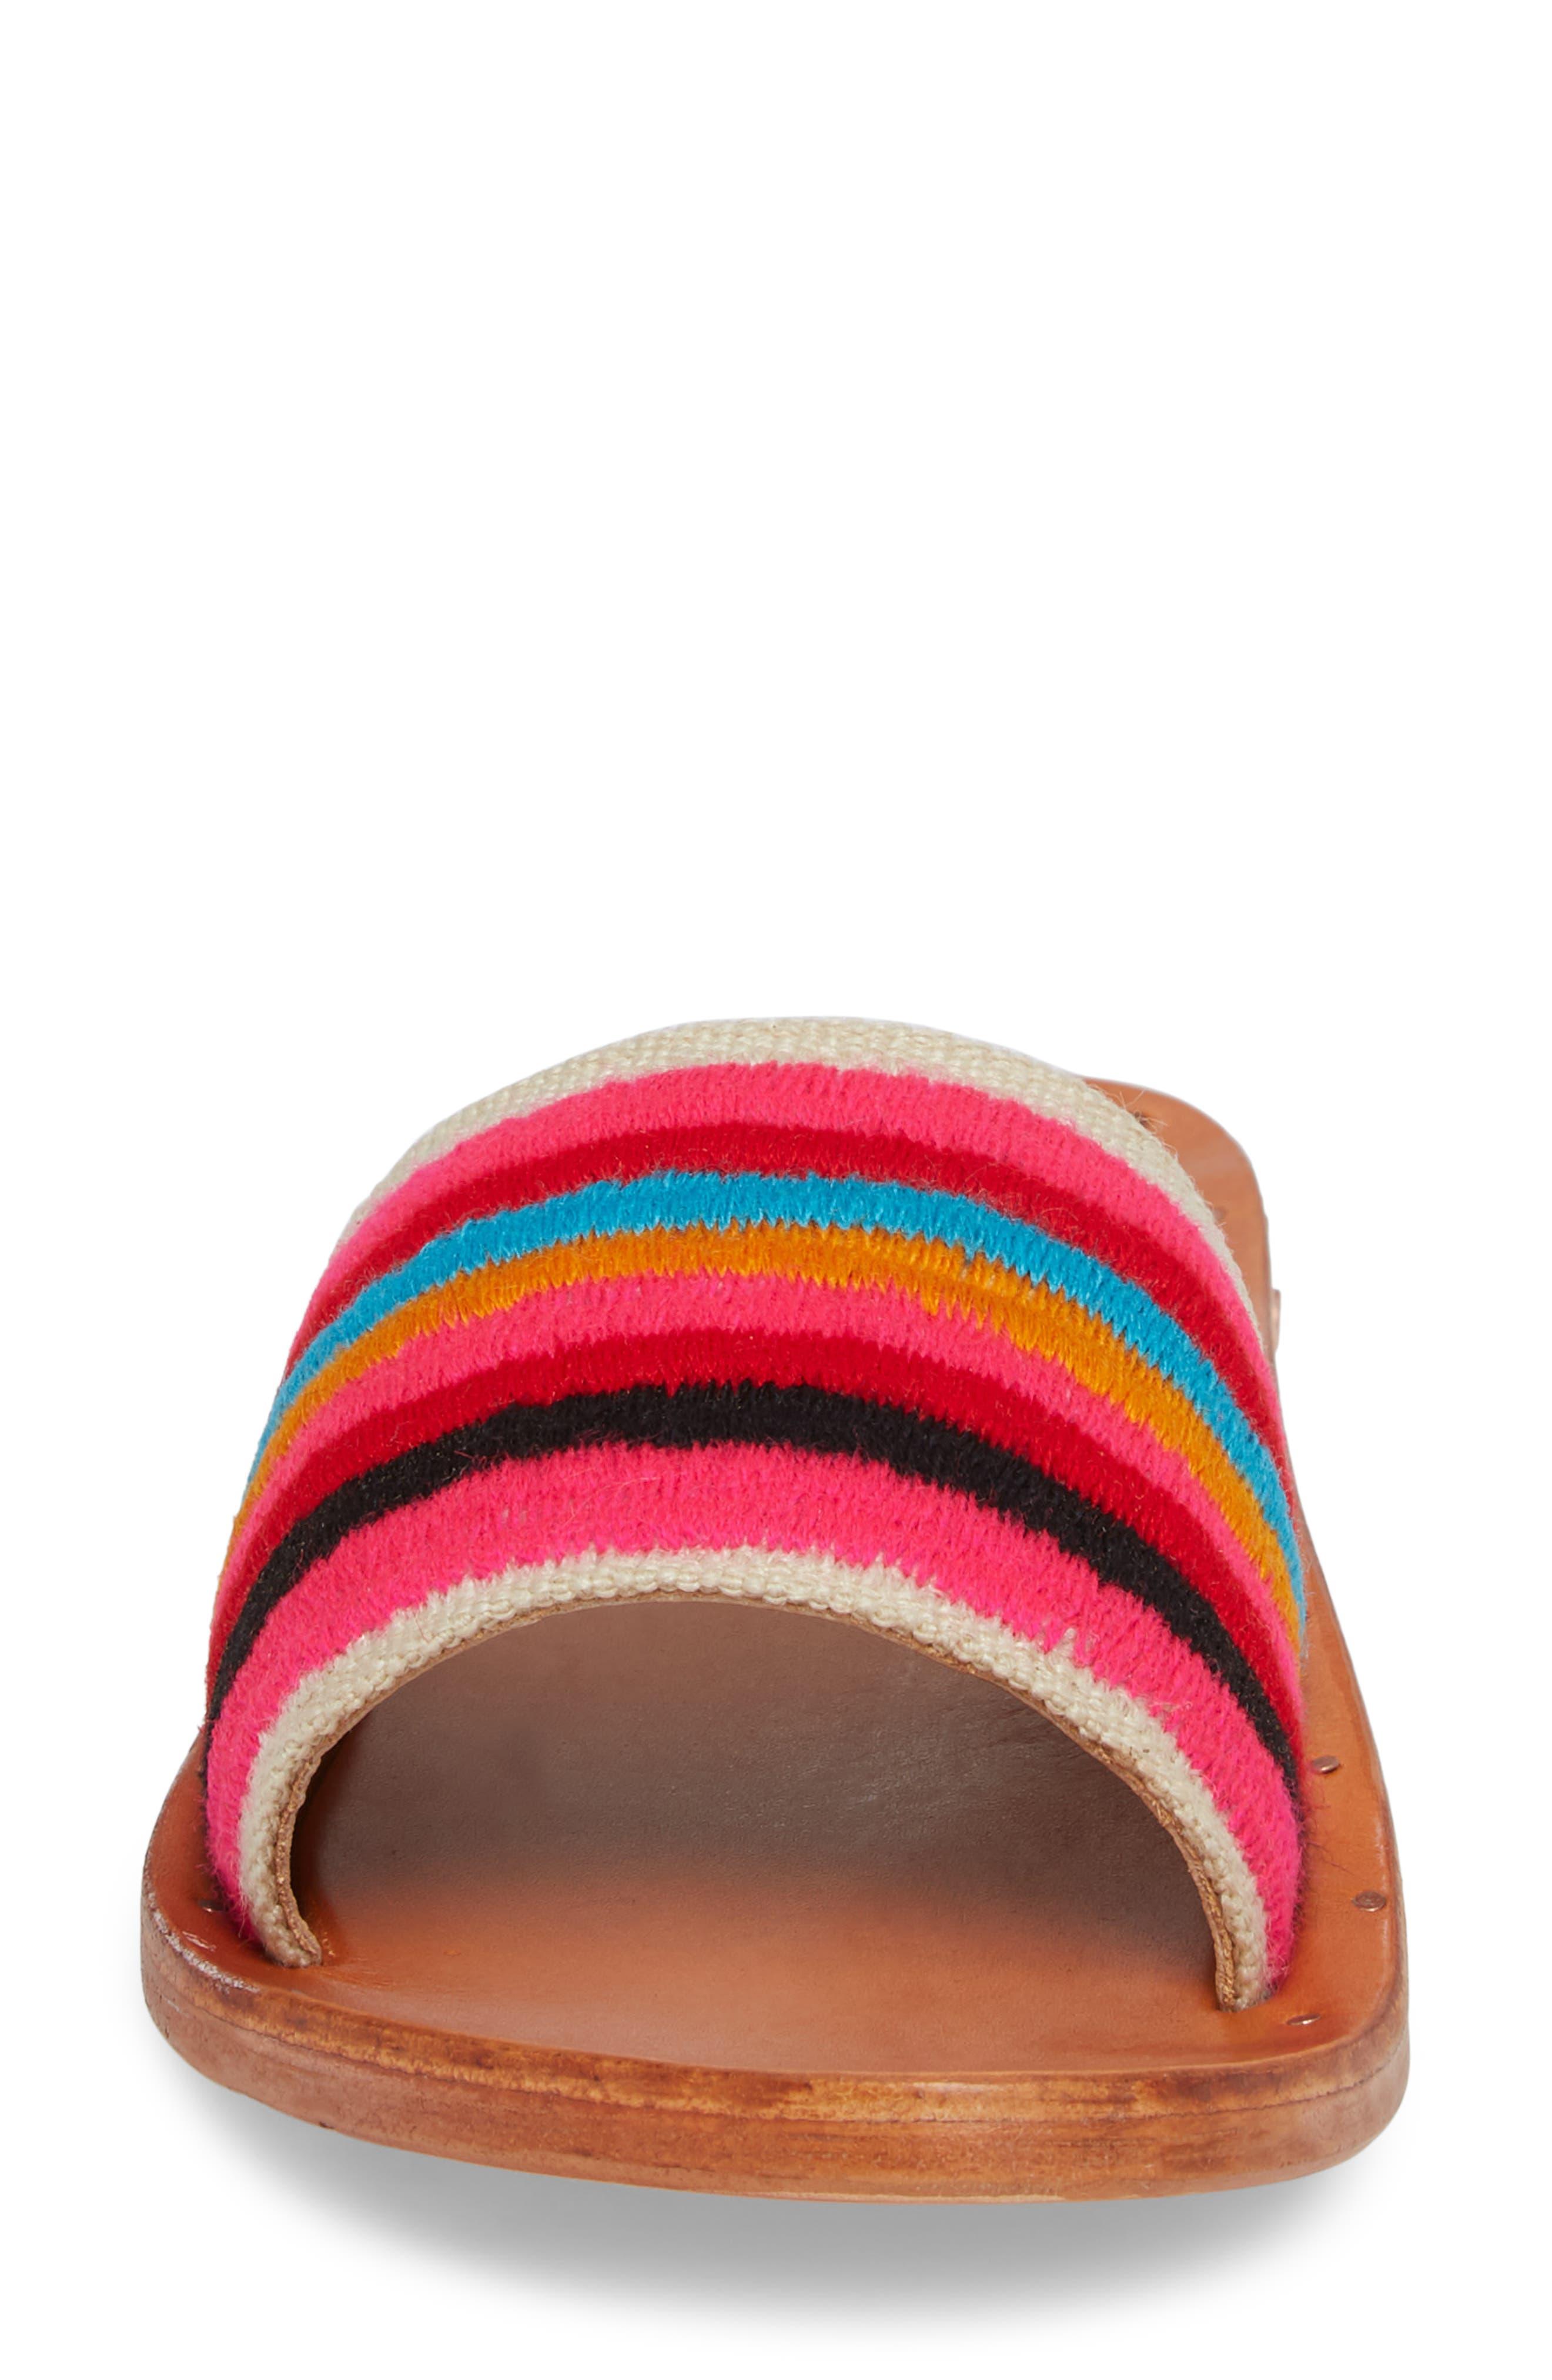 Lovebird Embroidered Slide Sandal,                             Alternate thumbnail 4, color,                             Multi/ Tan